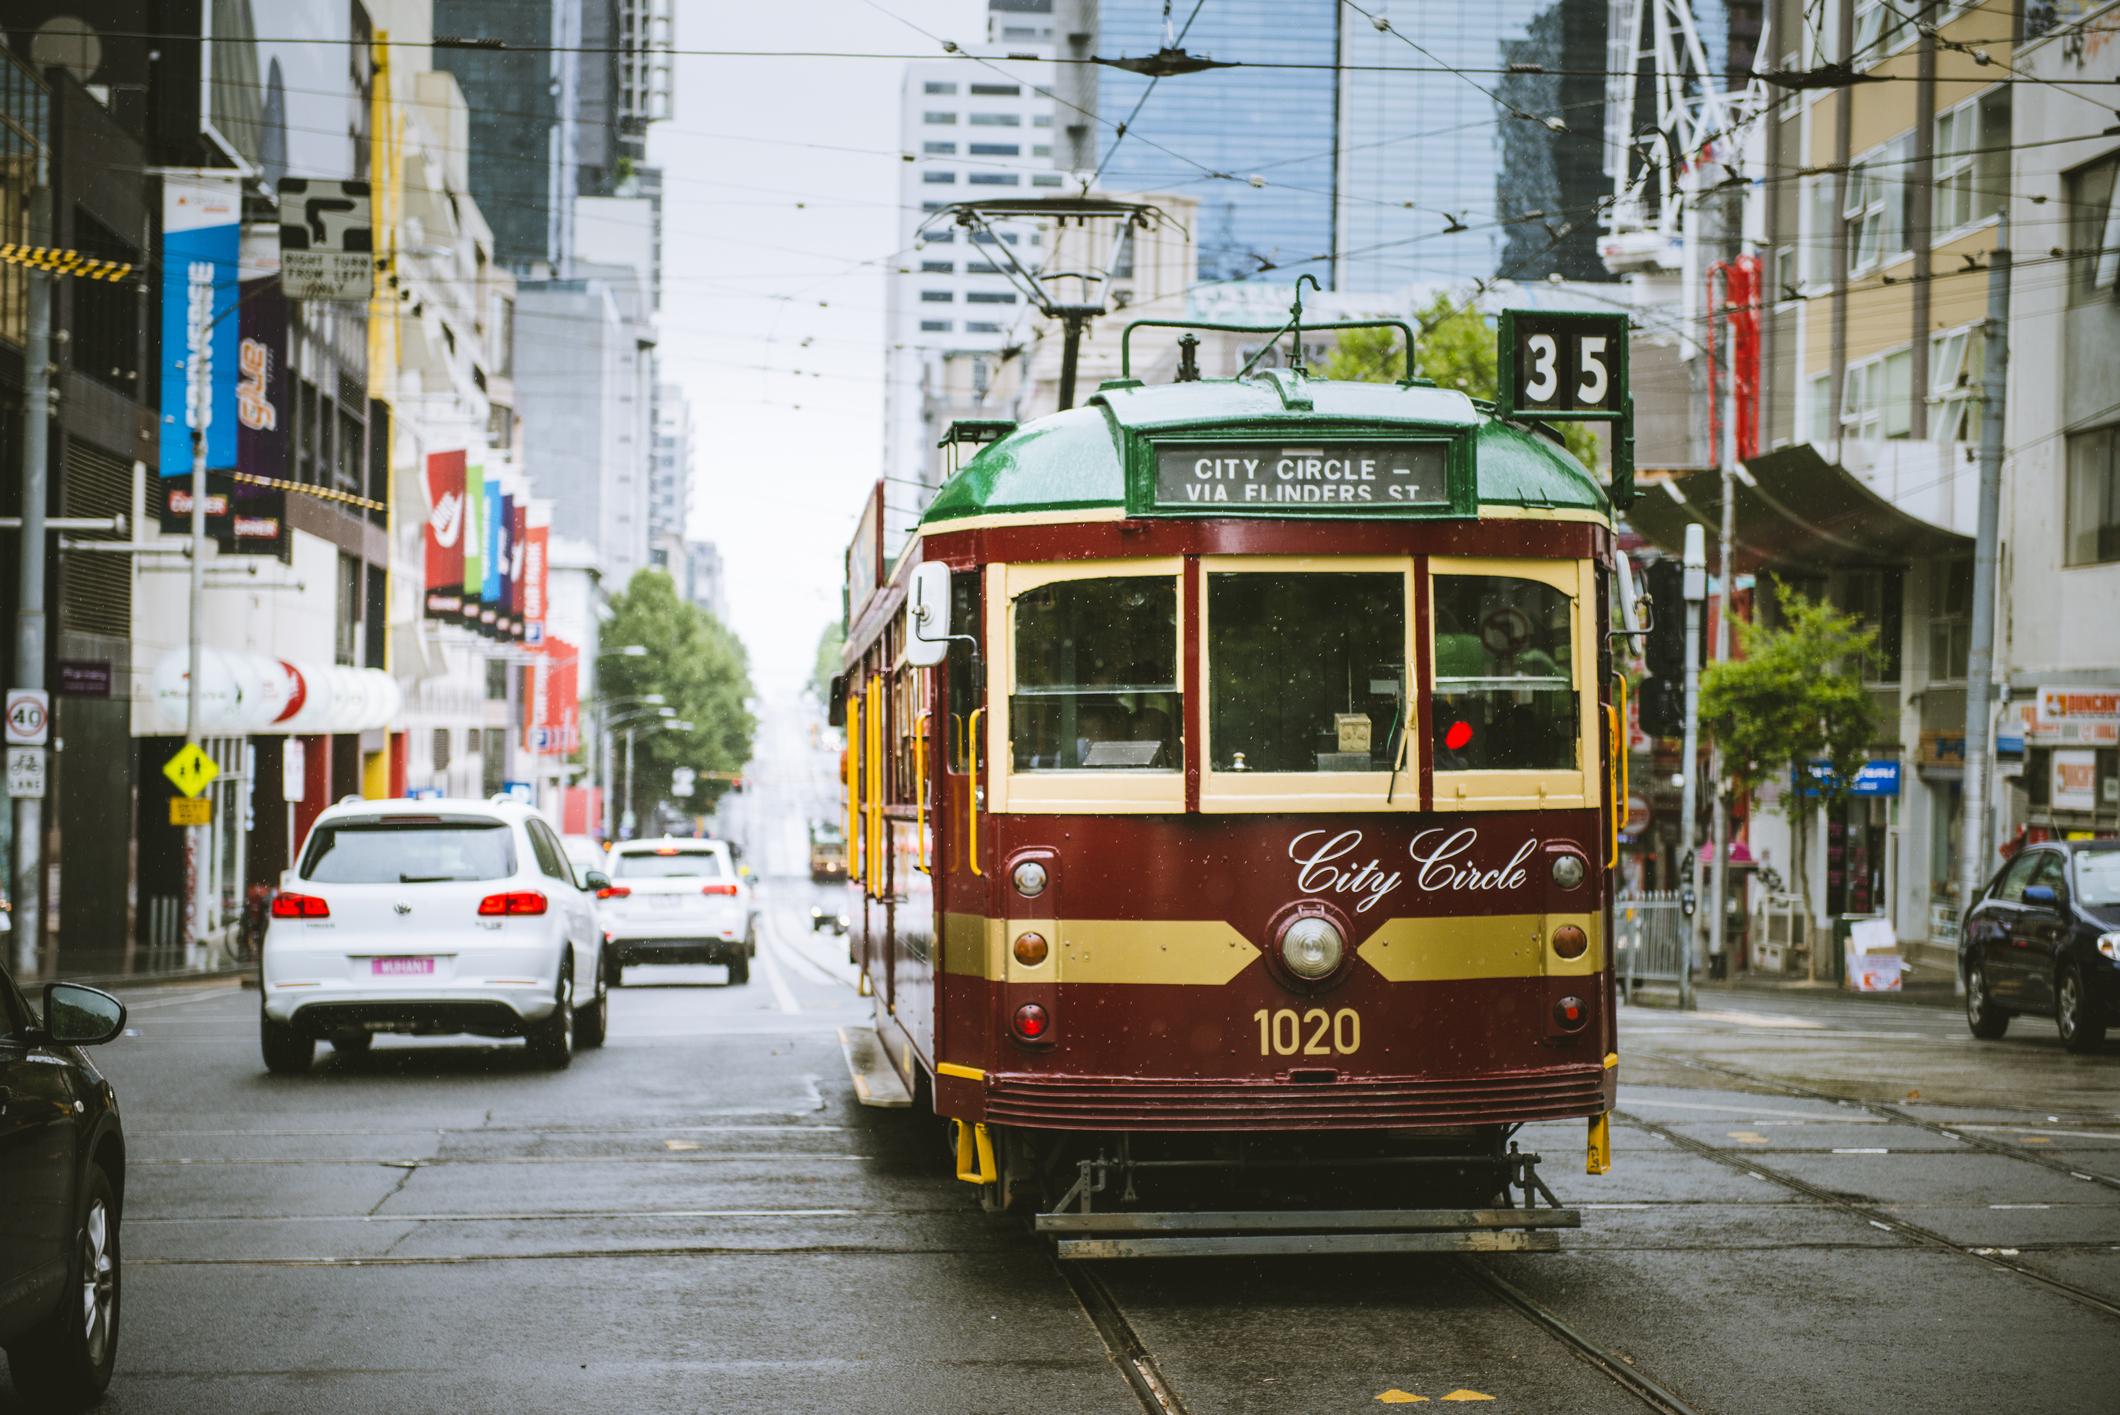 Vintage tram in Melbourne.